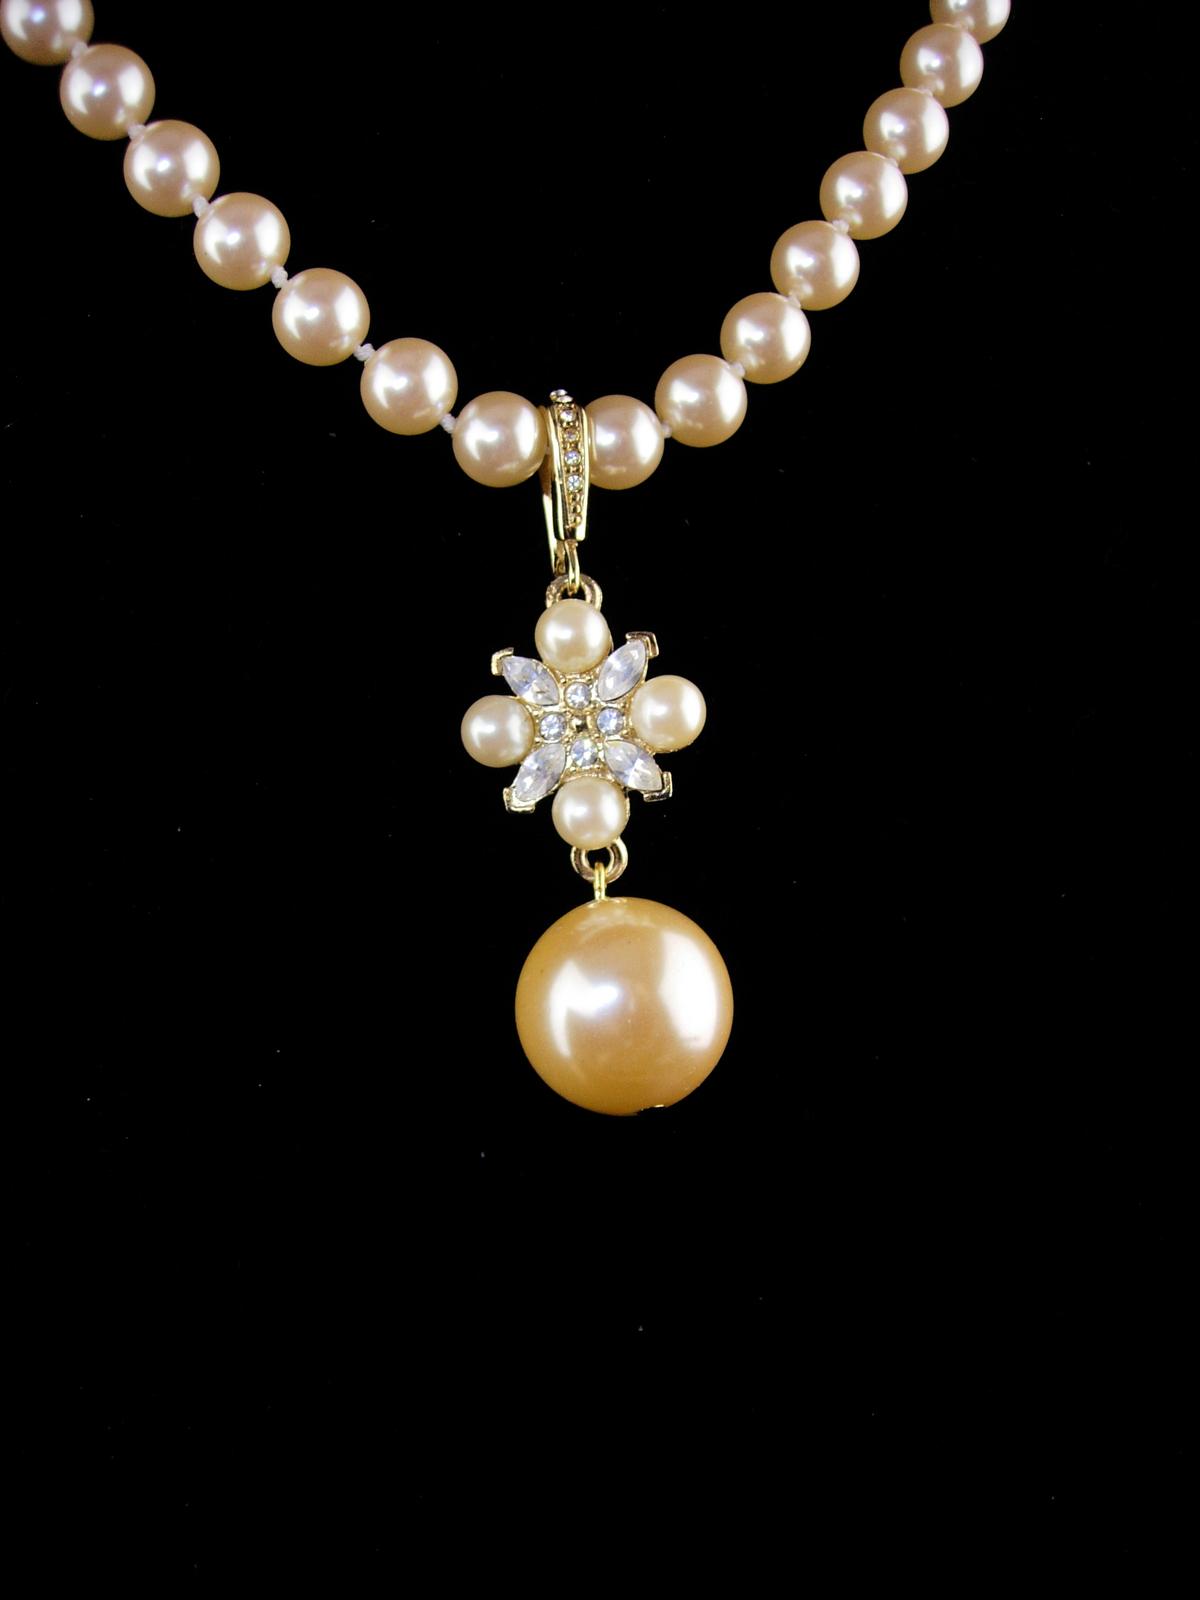 Wedding necklace - Pearl choker - rhinestone enhancer - edwardian style - 2pc se